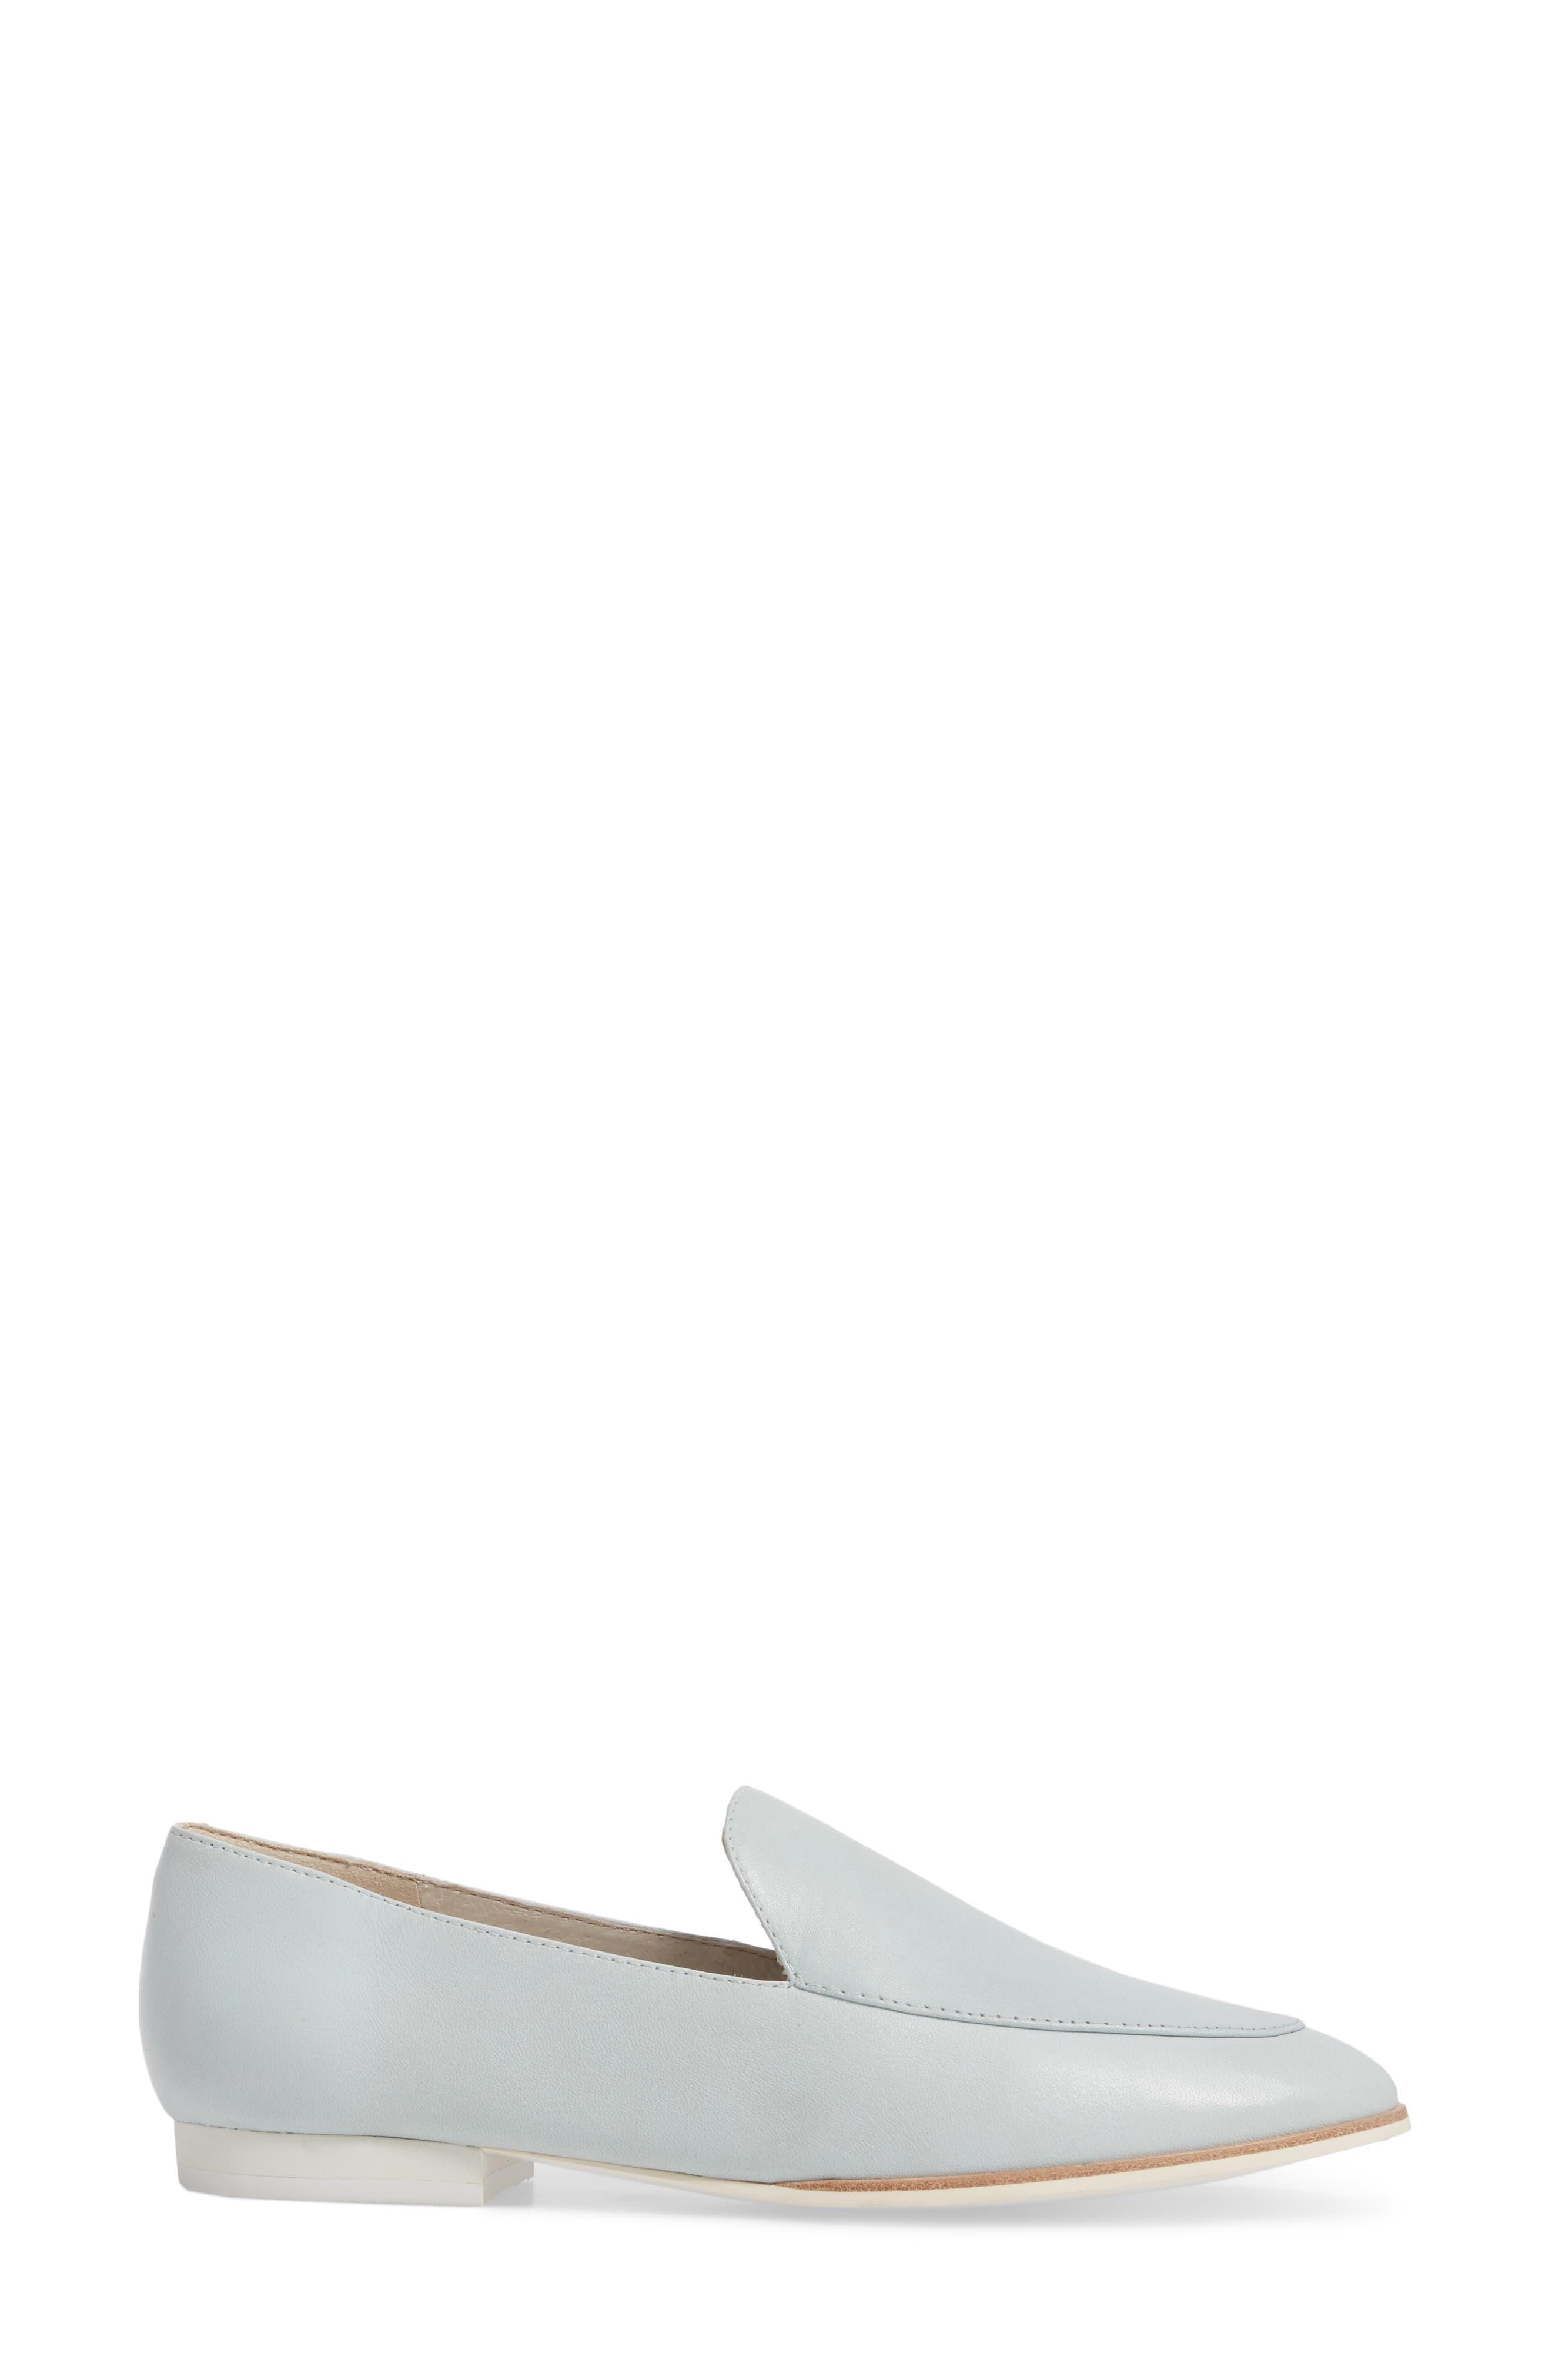 Westley Welt Loafer,                             Alternate thumbnail 3, color,                             Robins Egg Leather